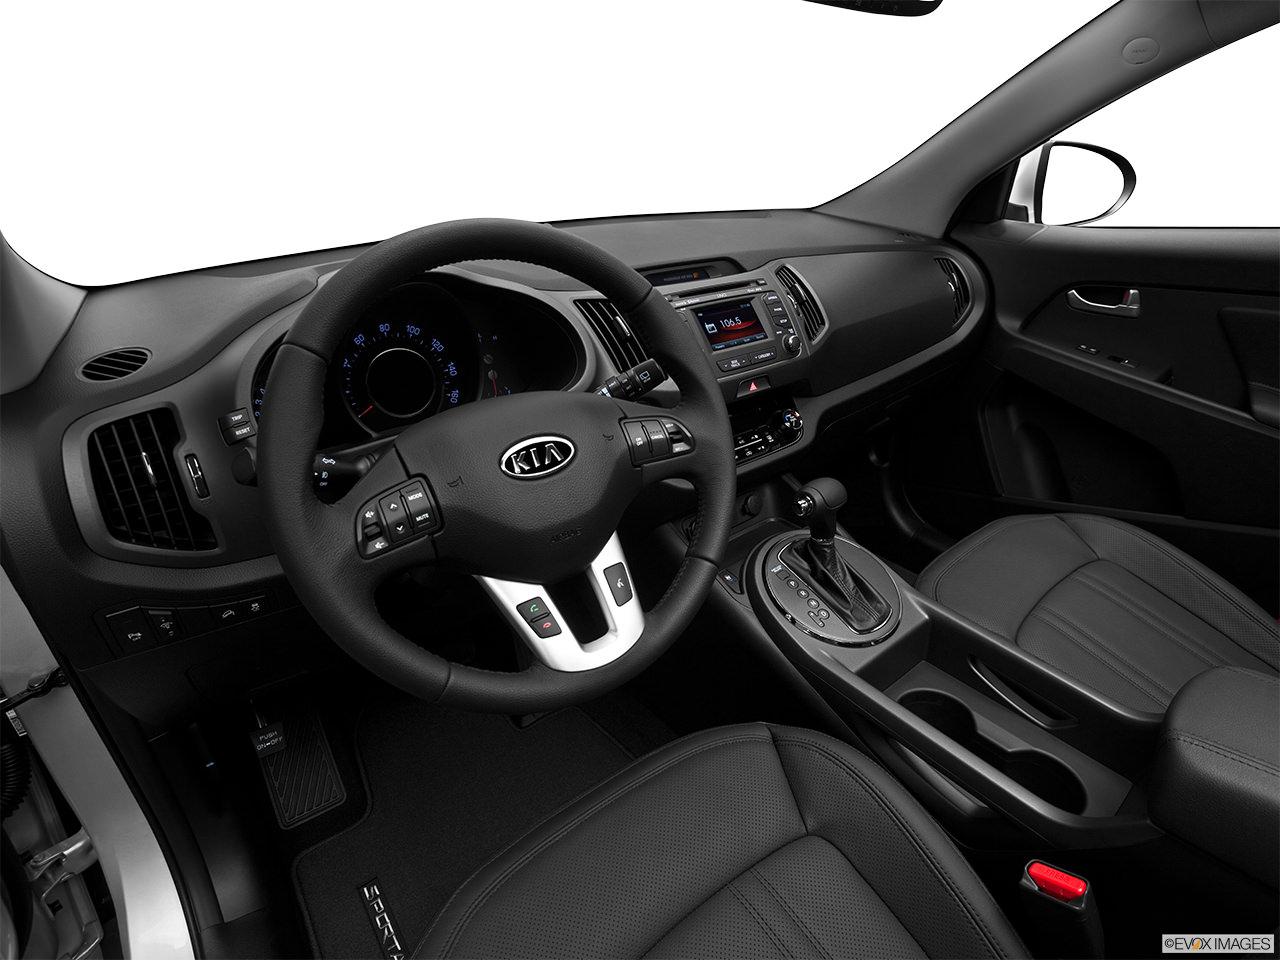 Kia Sportage 2012 Interior